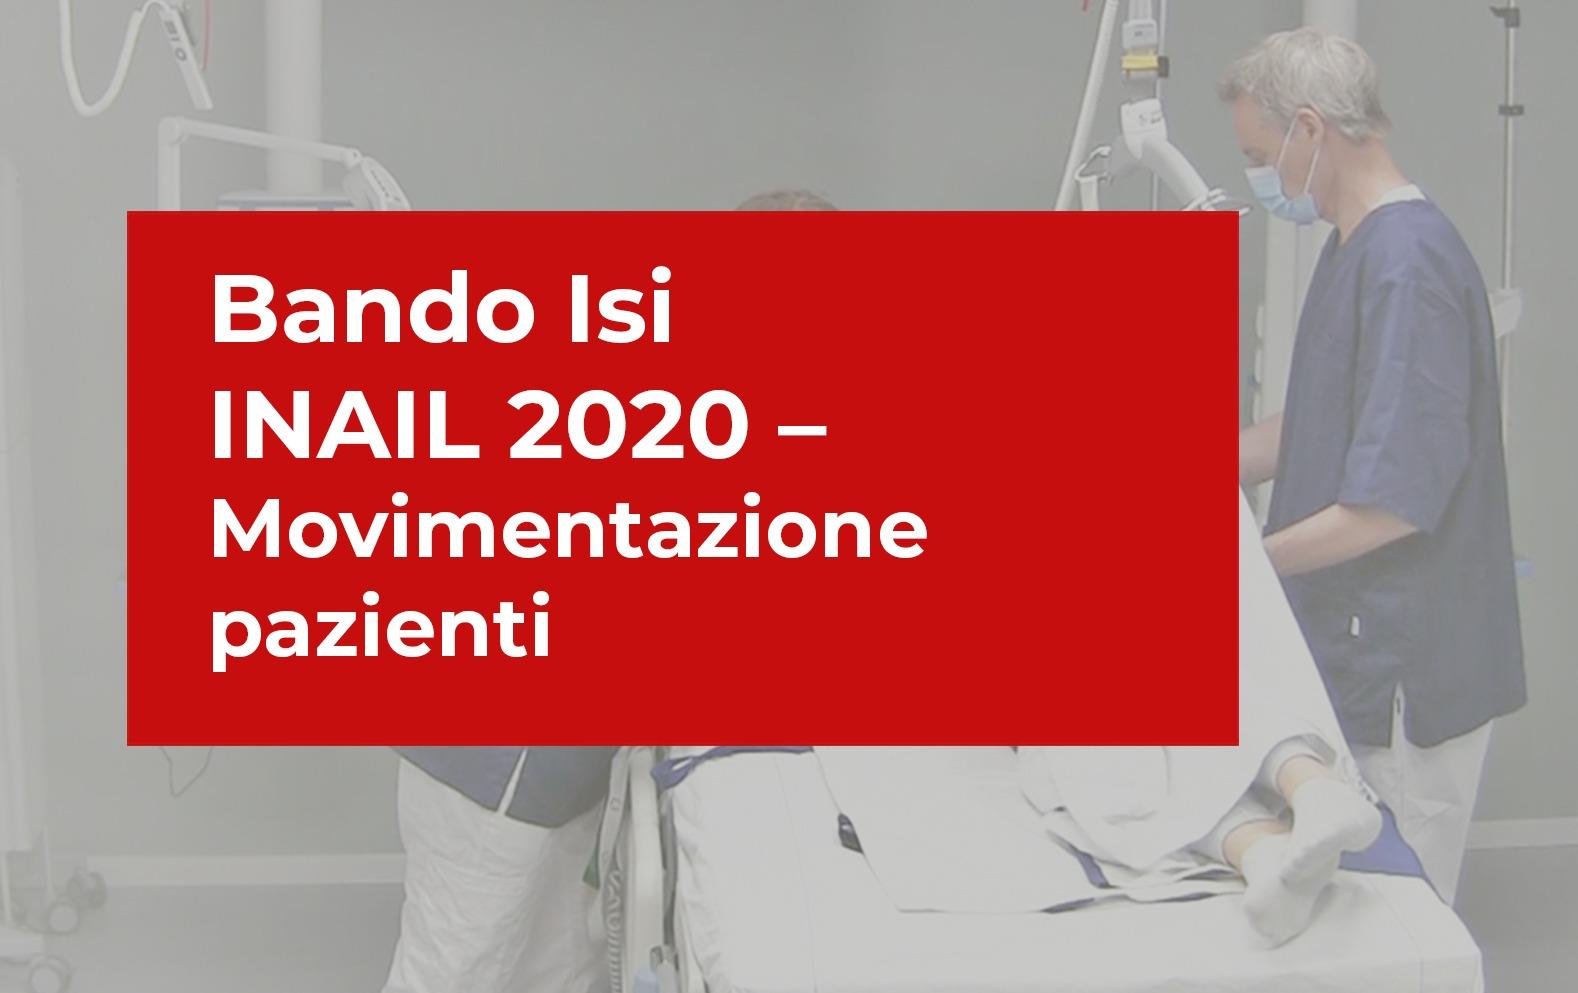 bando isi inail 2020_movimentazione pazienti